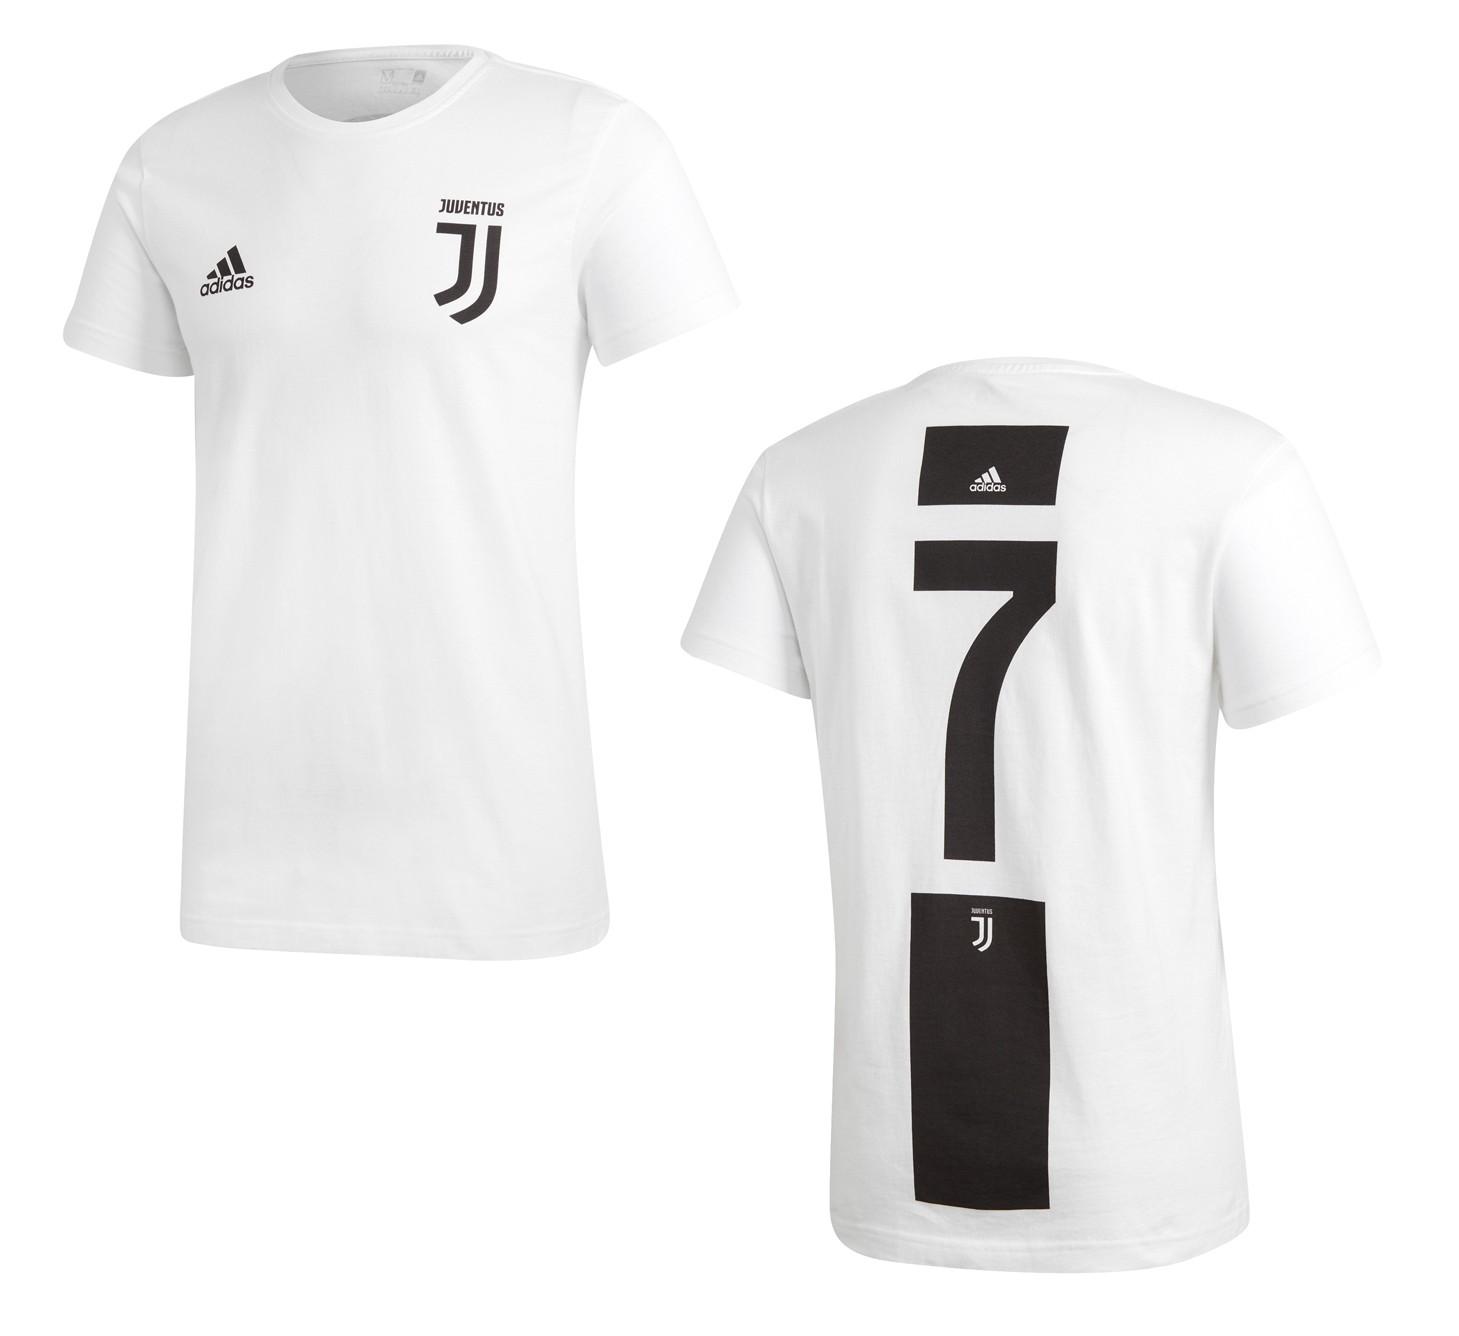 3e256352d Juventus 7 Ronaldo Graphic t-shirt 2018 19 Adidas